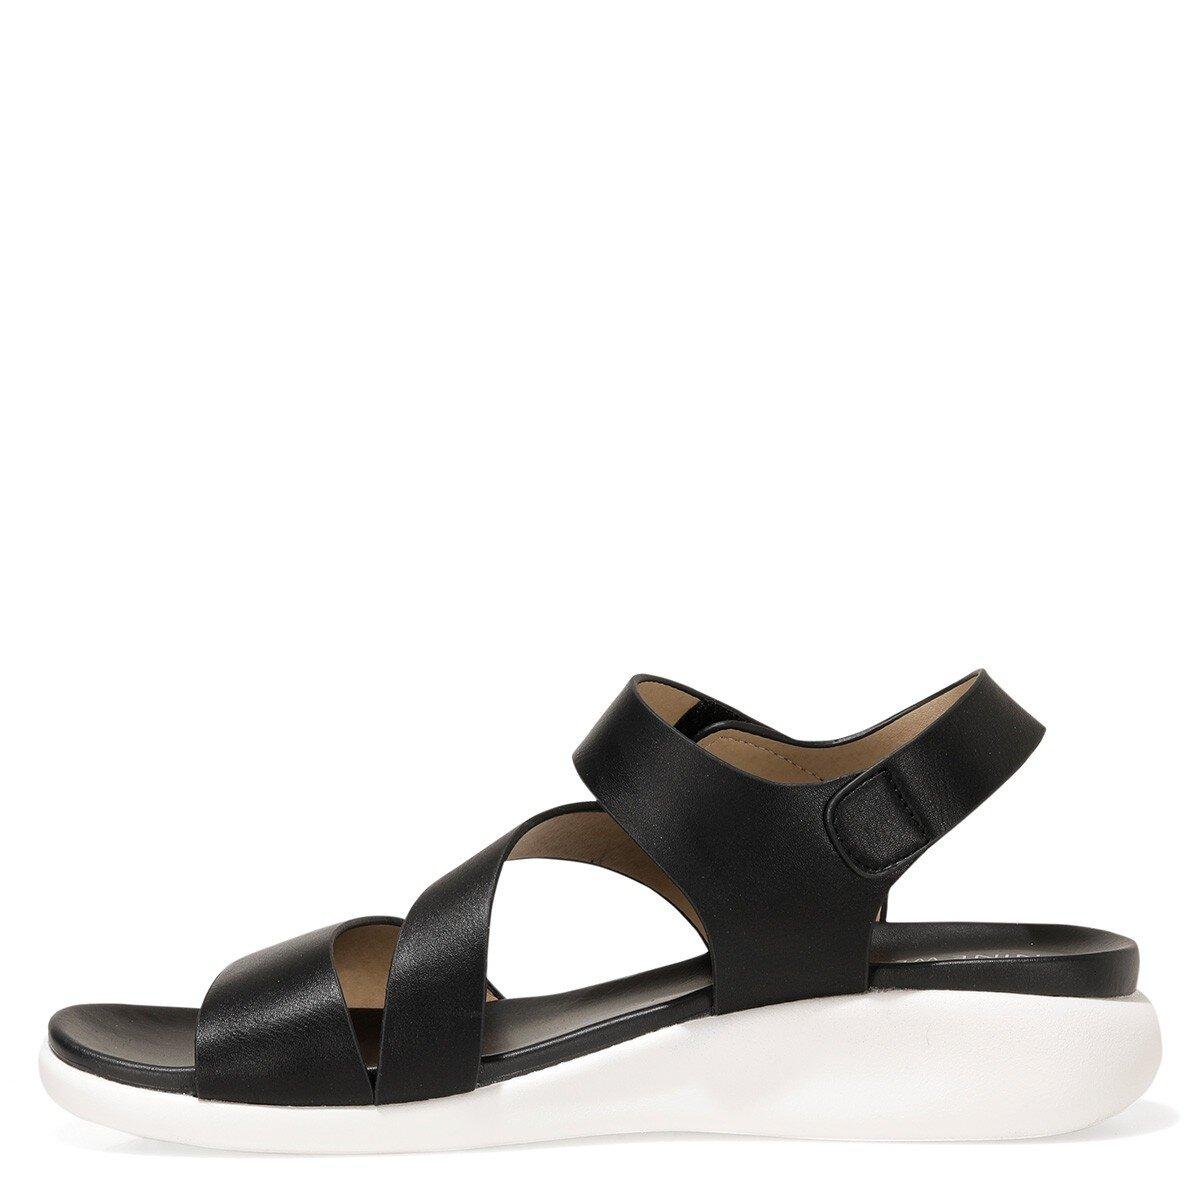 ZIZI 1FX Siyah Kadın Düz Sandalet